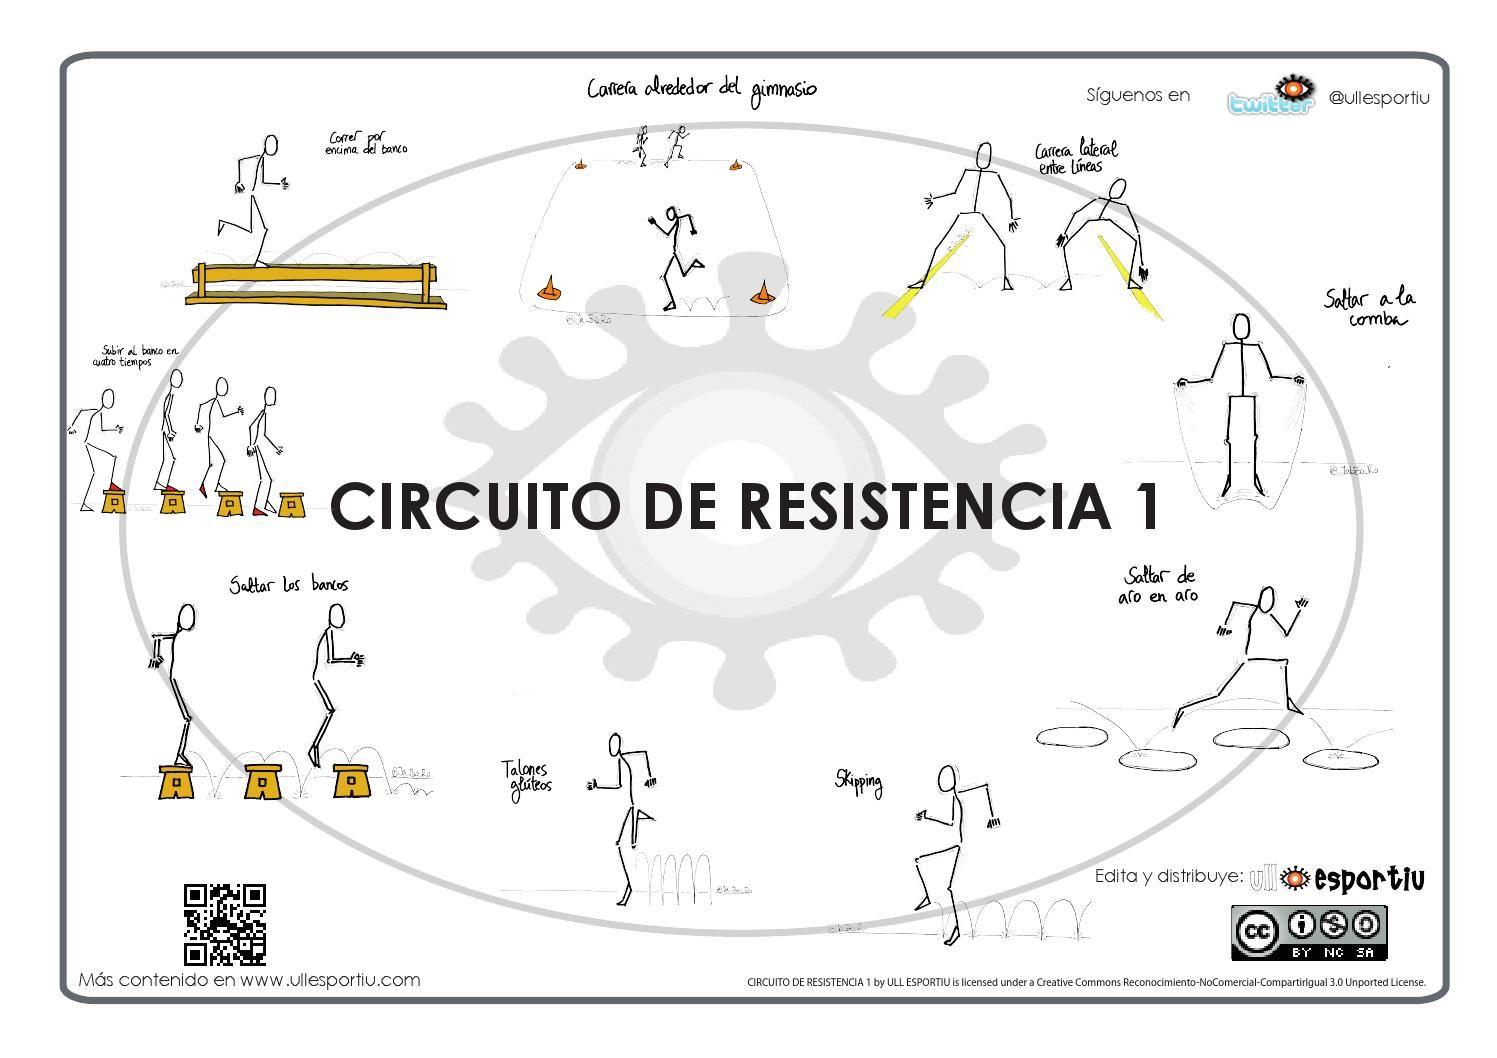 Circuito Basico : Circuito resistencia 1 resistencia pinterest physical education